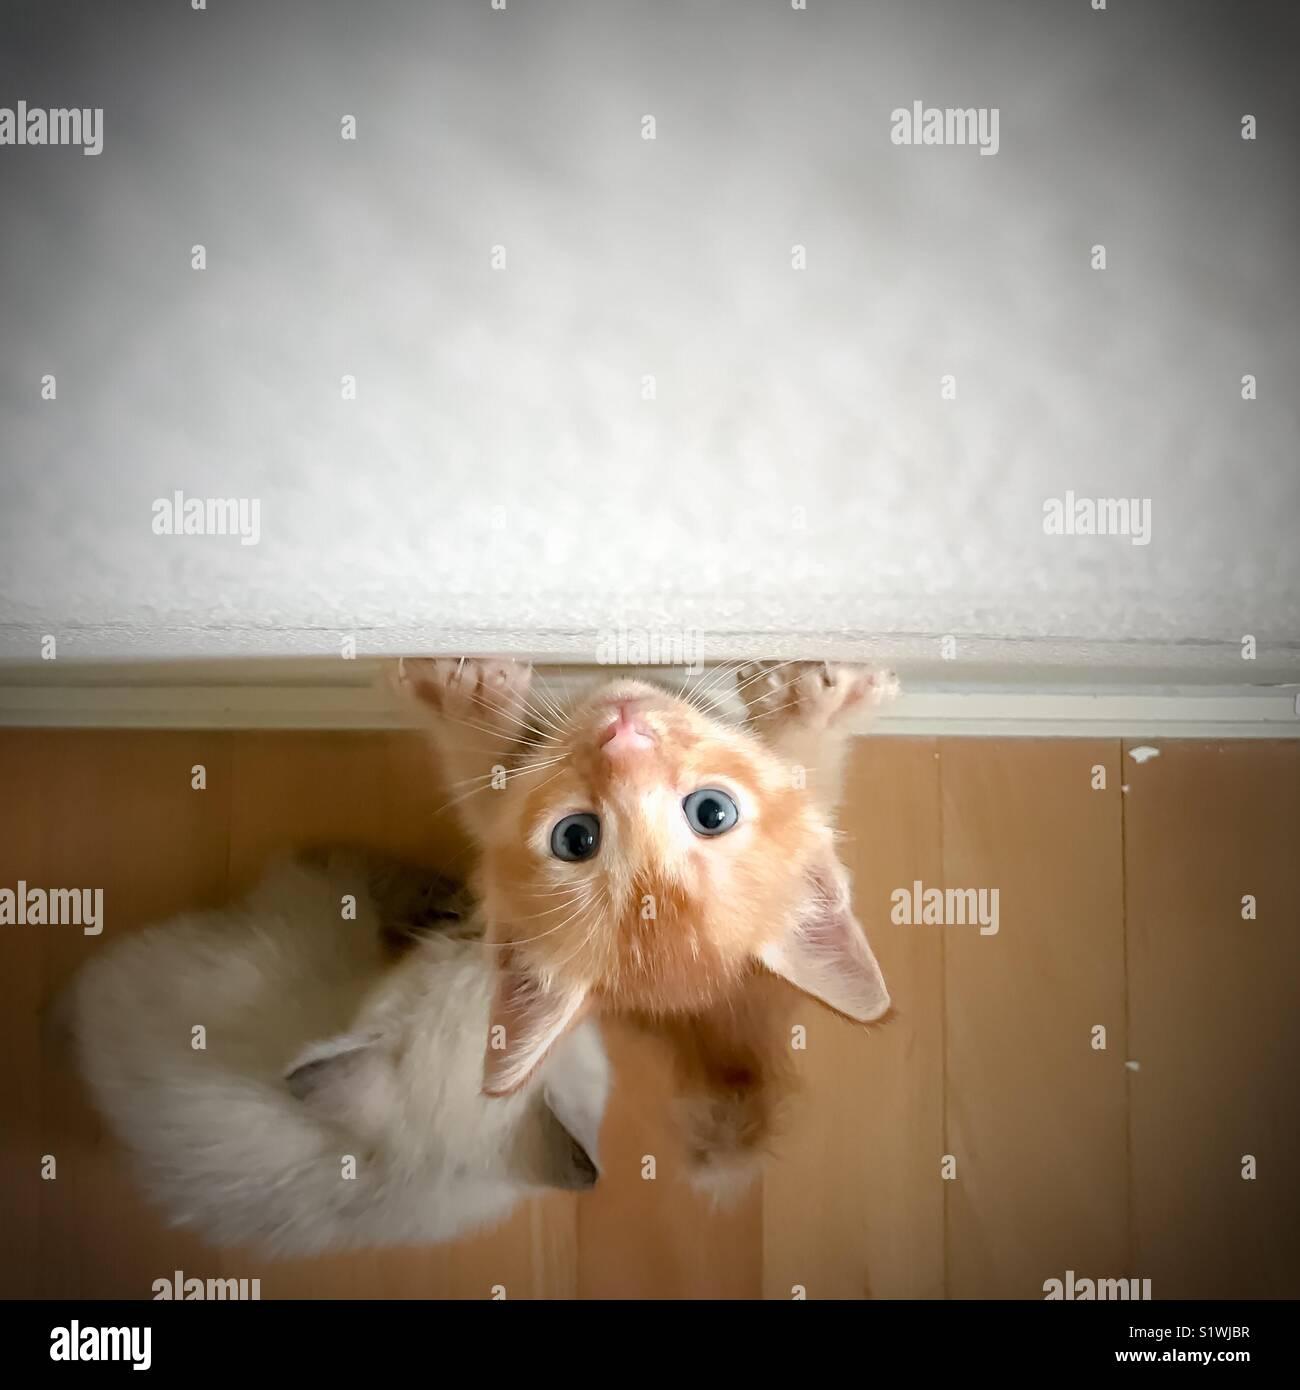 Gatito que intenta subir a la pared en busca de atención Imagen De Stock